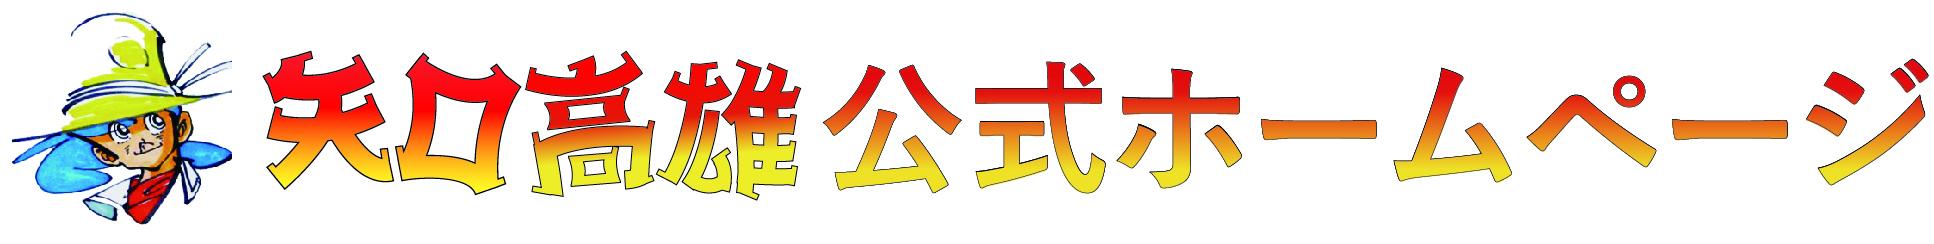 矢口高雄 公式ホームページ